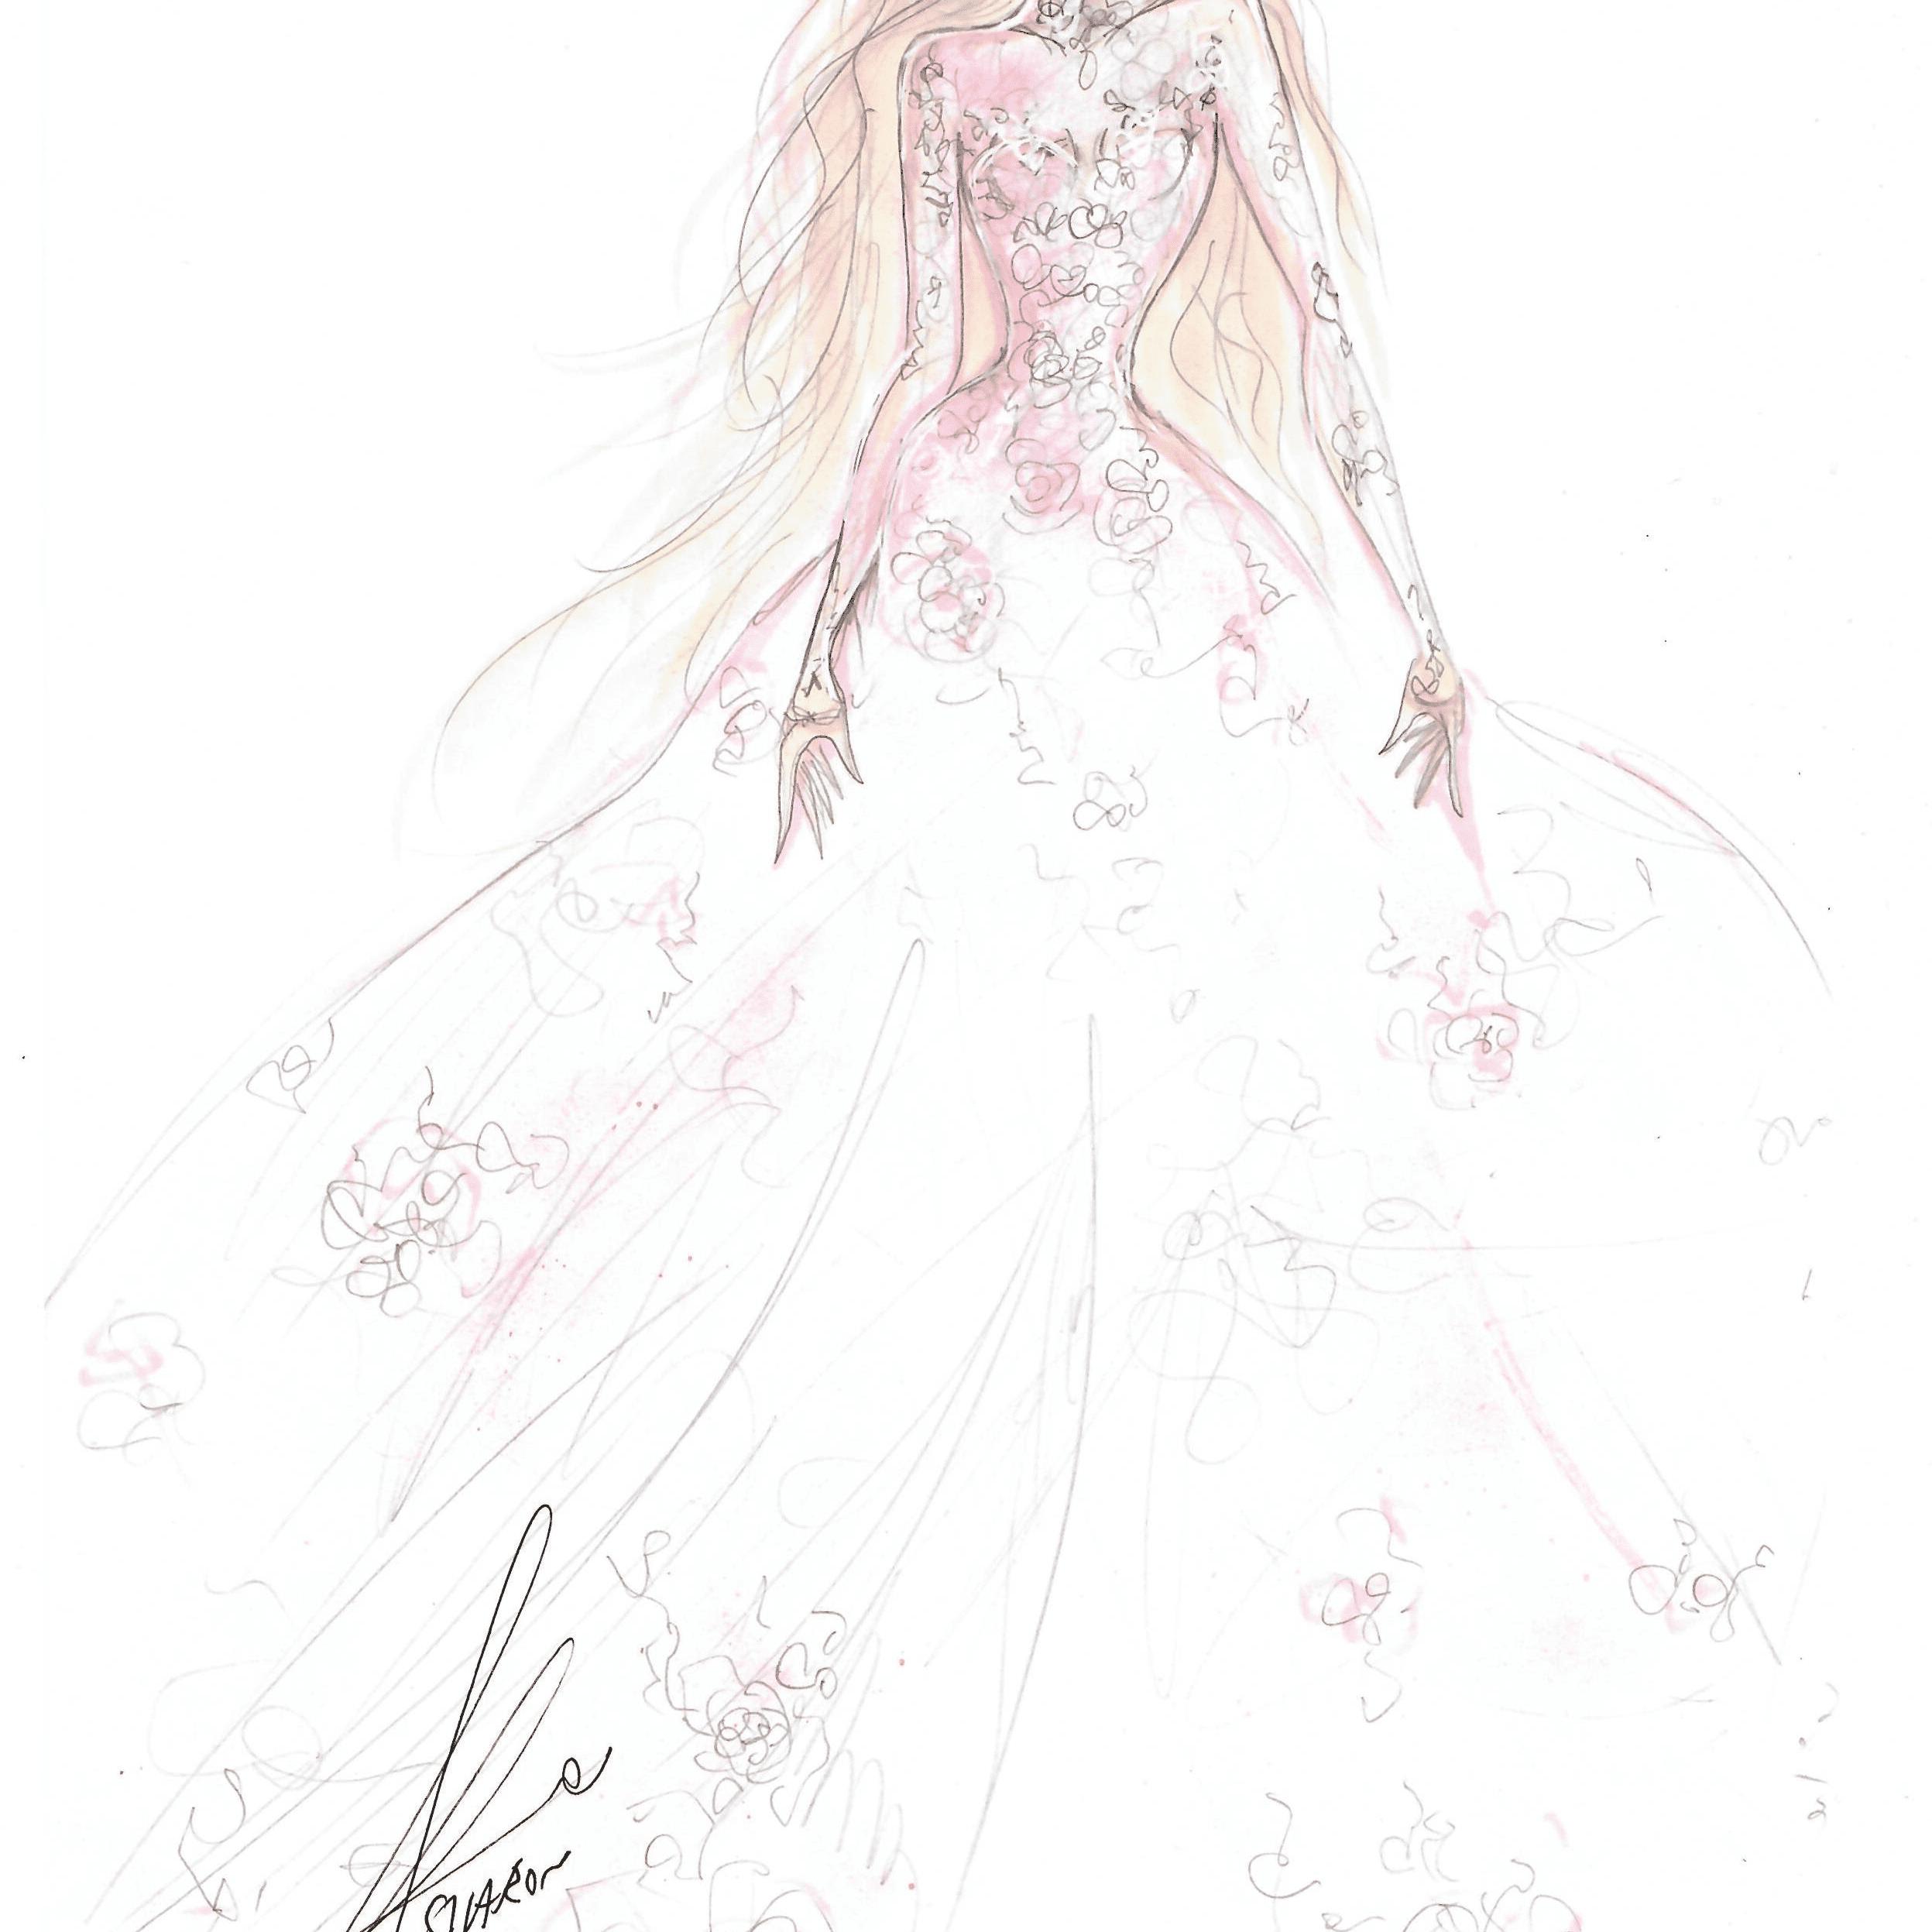 Galia Lahav Bridal Fashion Week Fall 2020 Sketch